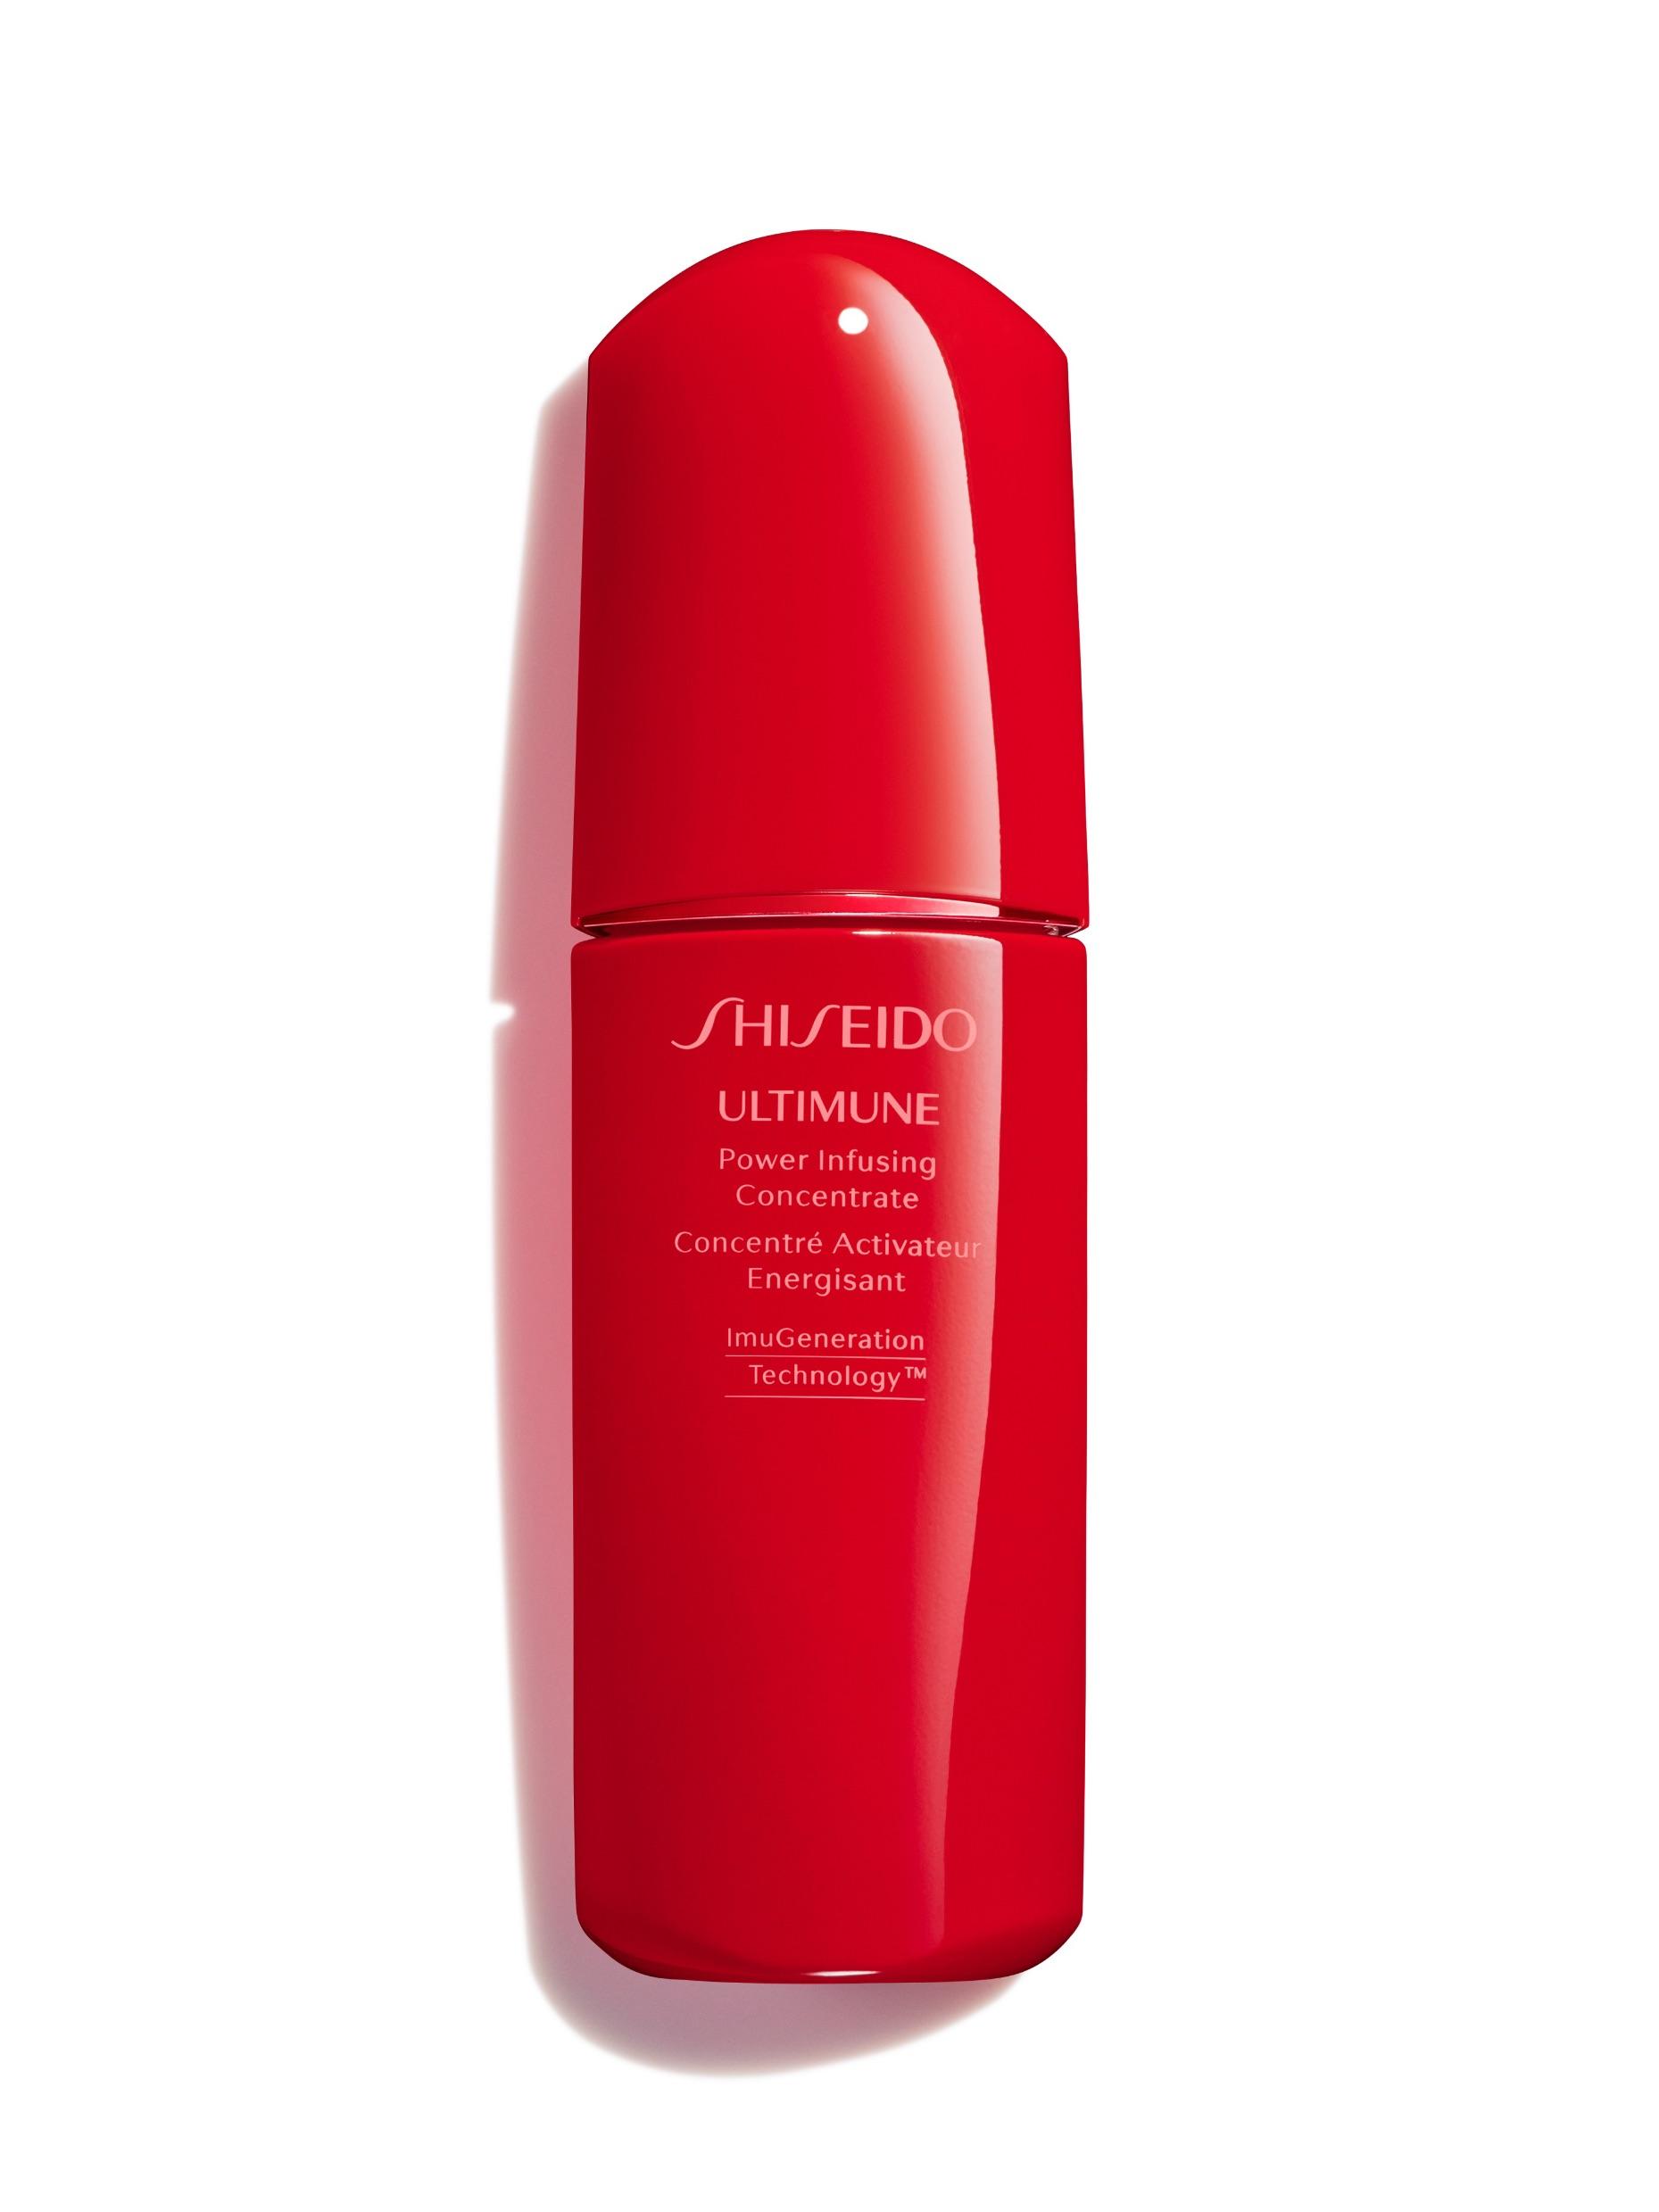 shiseido-ginza-%e8%b3%87%e7%94%9f%e5%a0%82%e9%8a%80%e5%ba%a7-%e3%81%97%e3%81%9b%e3%81%84%e3%81%a9%e3%81%86%e3%82%ae%e3%83%b3%e3%82%b64-2